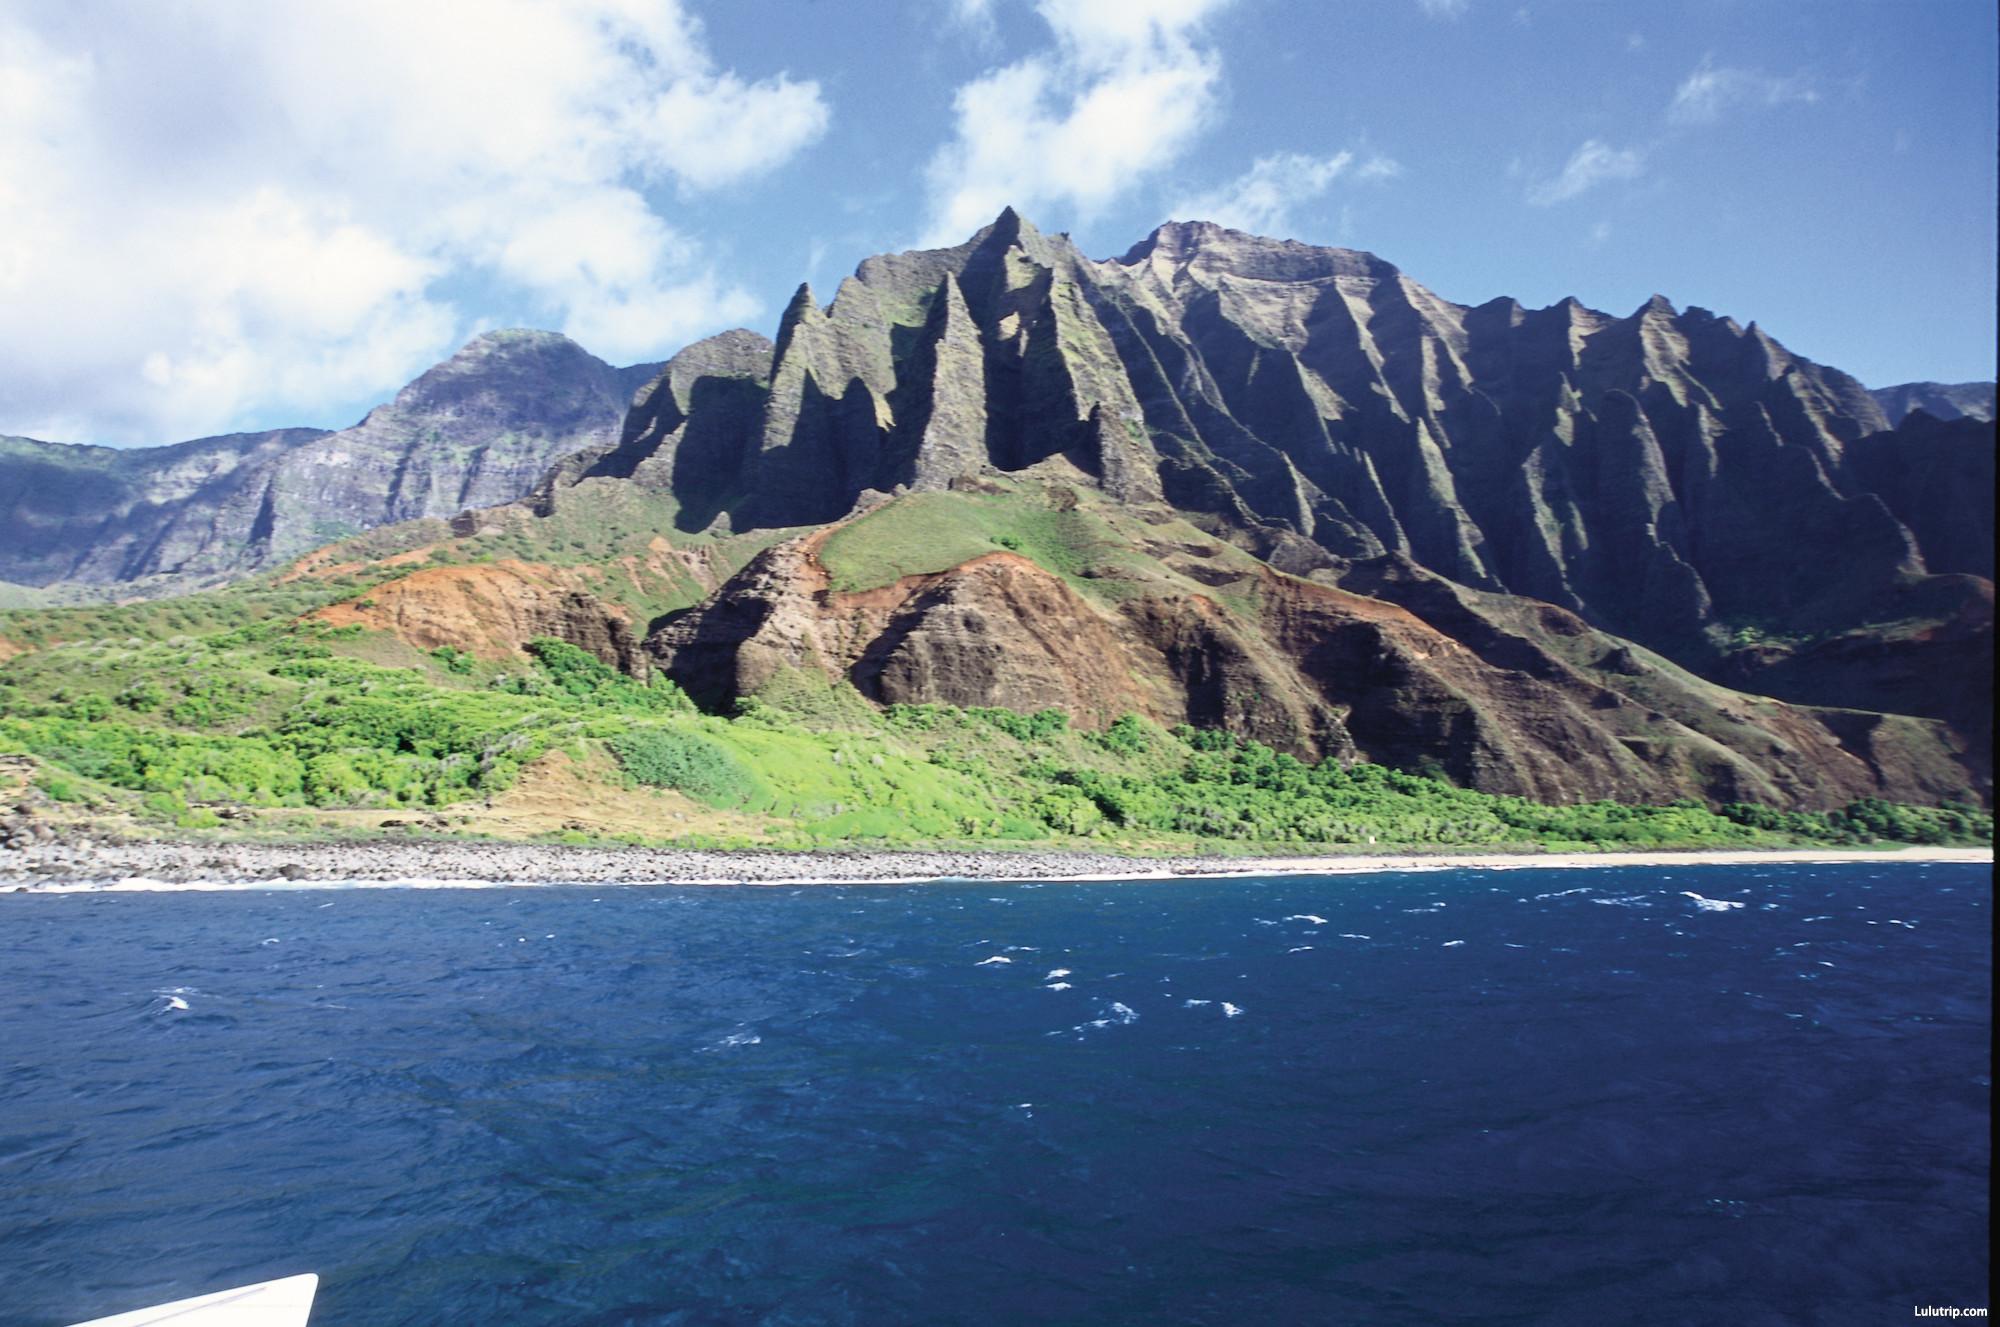 夏威夷旅游地图攻略,感受蔚蓝如洗的海天世界